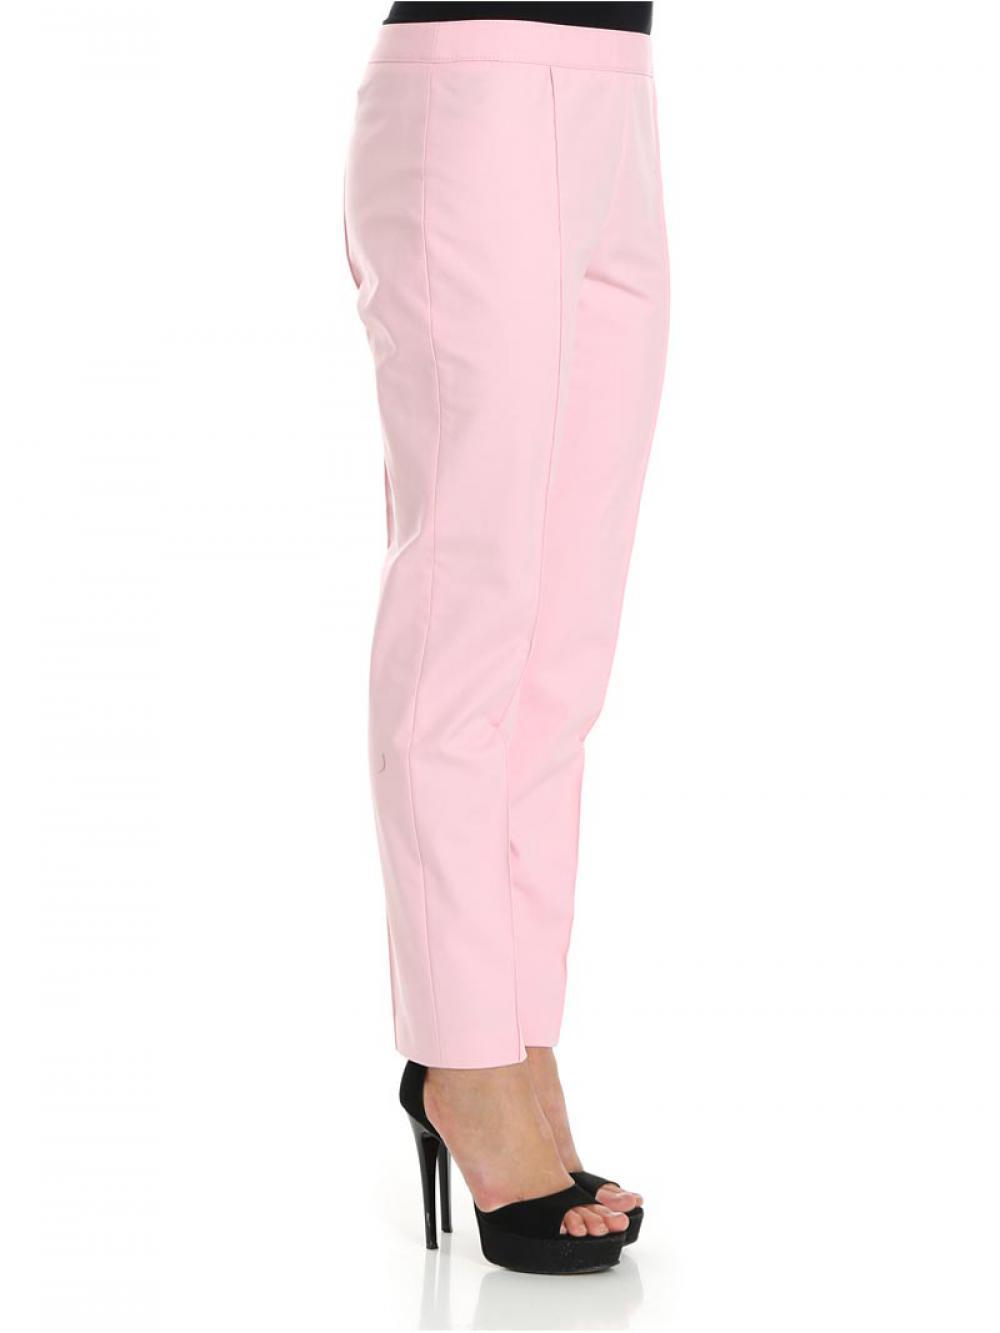 pantalone-boutique-moschino-nbsp-in-misto-cotone-donna-boutique-moschino-cod-j0313